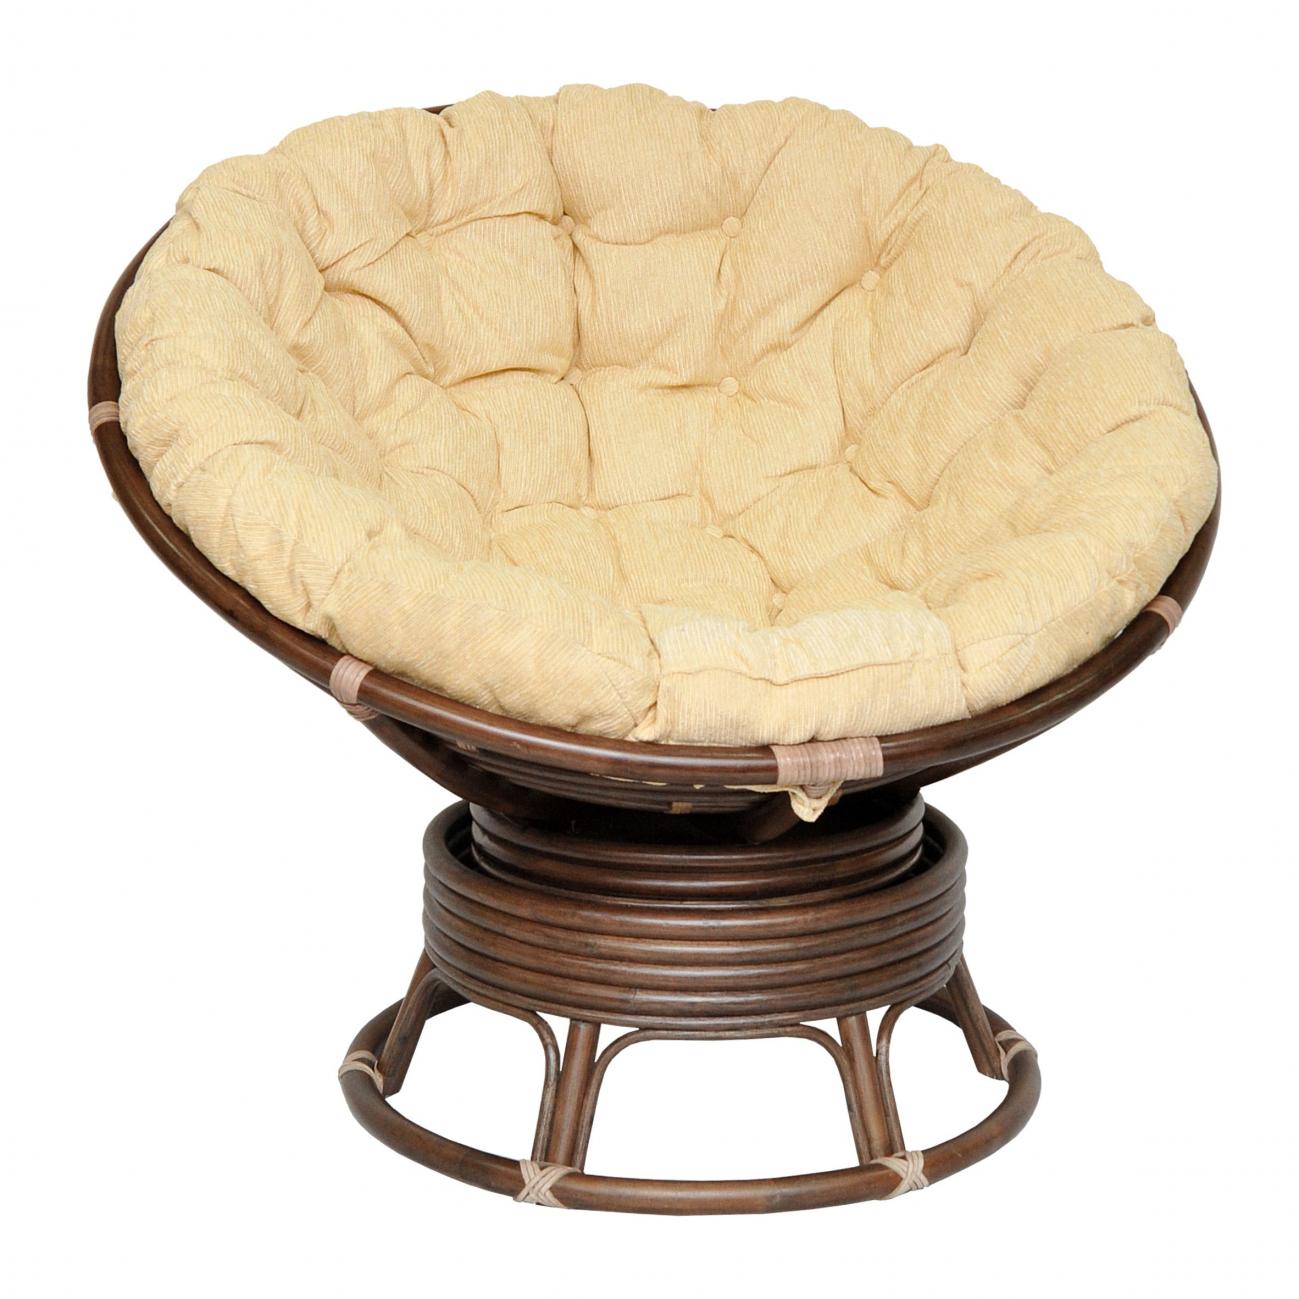 Купить Кресло механическое Circlе (Matte, темно-коричневый) в интернет магазине дизайнерской мебели и аксессуаров для дома и дачи